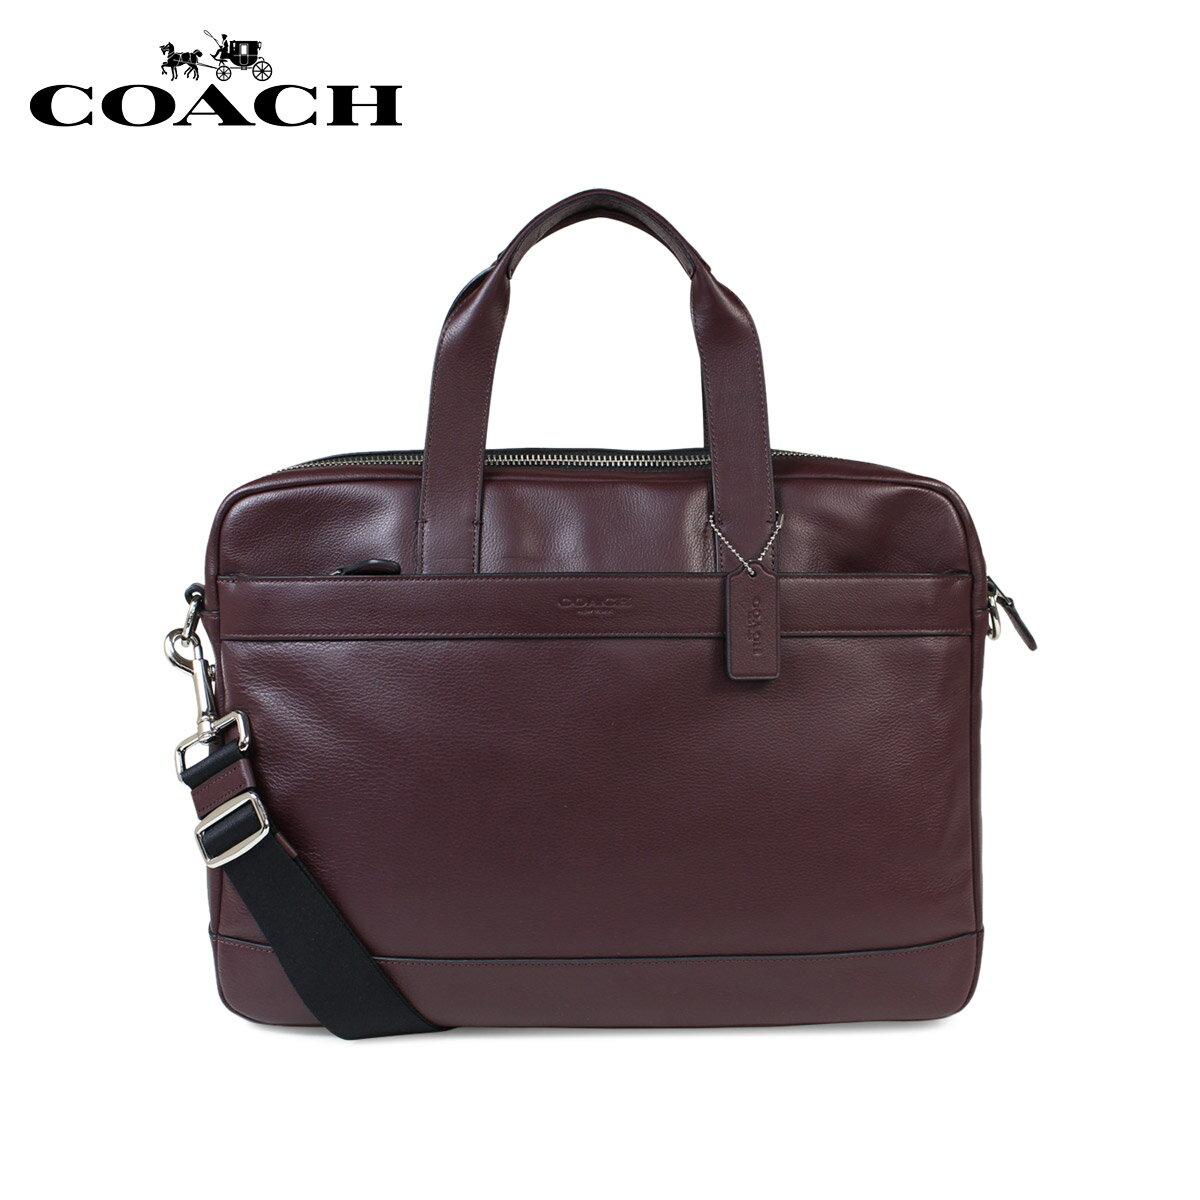 【訳あり】コーチ COACH バッグ ビジネス メンズ ブリーフケース レザー F54801 オックスブラッド レッド